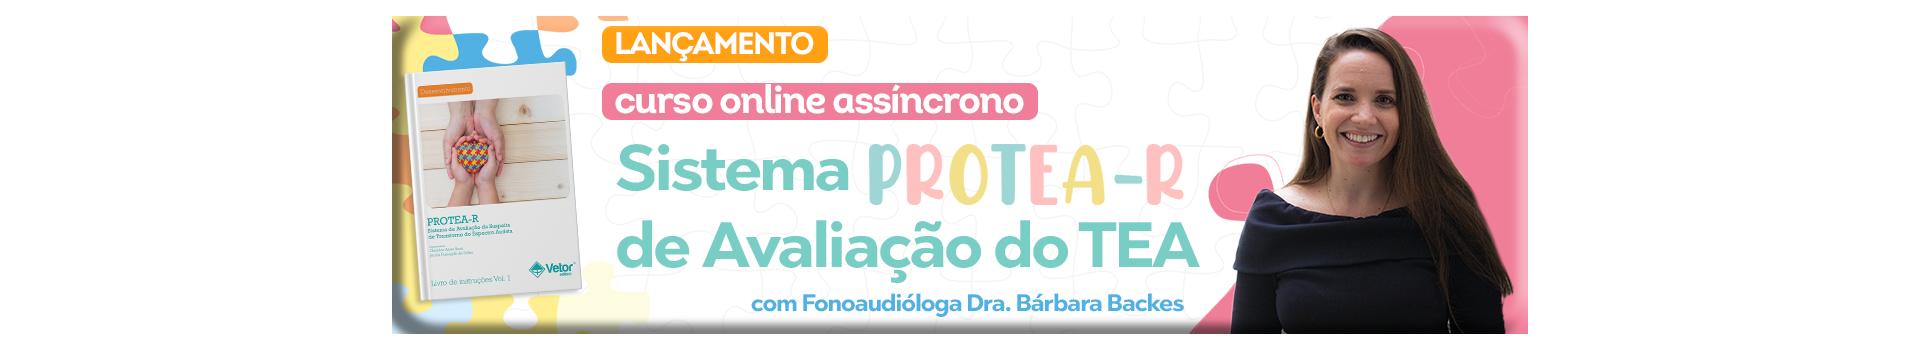 PROTEA-R